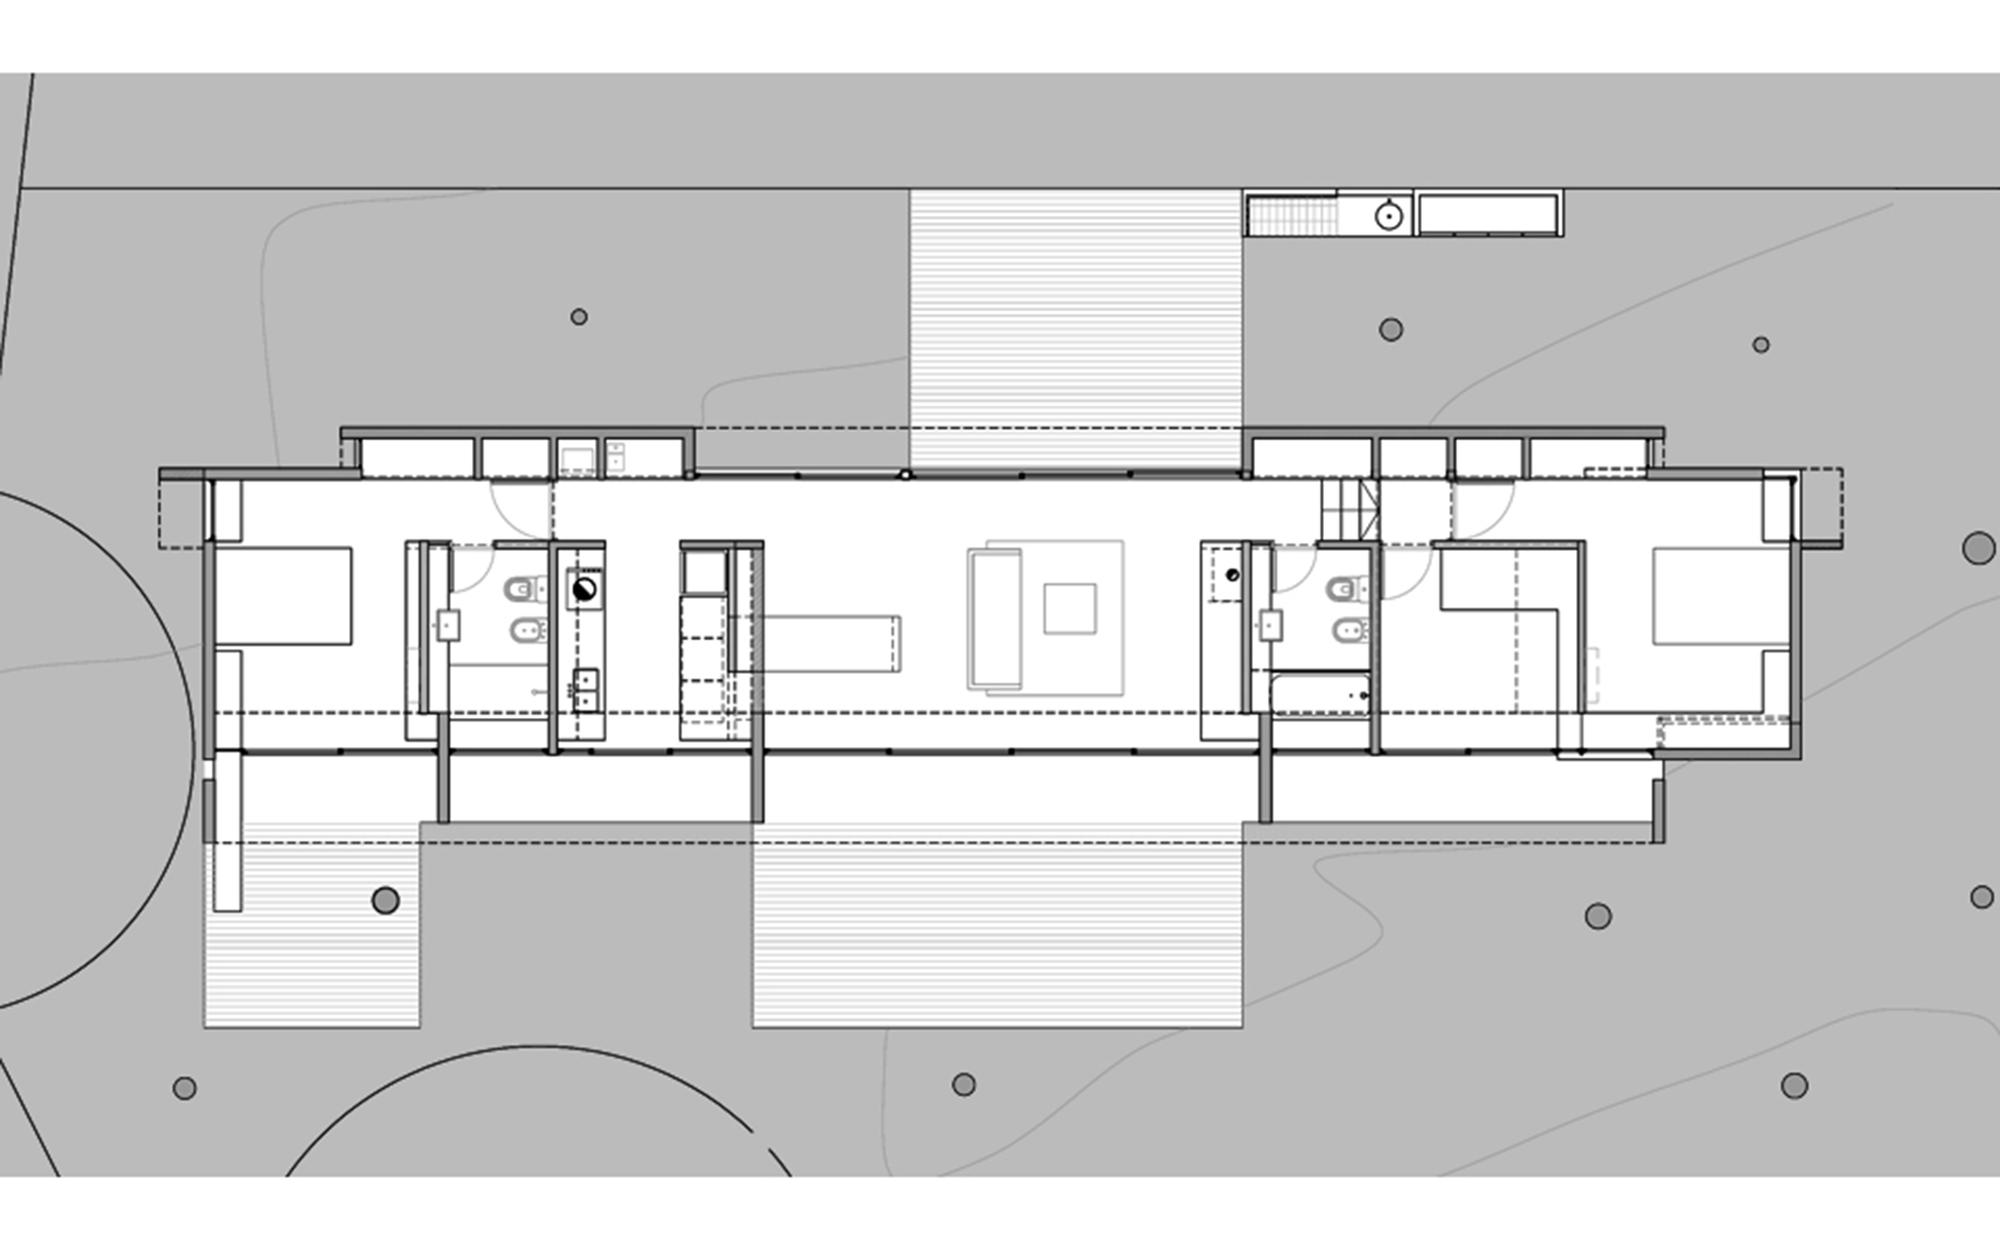 543dda5fc07a802a69000272_sv-house-luciano-kruk-arquitectos_sv_planta_parrilla_corregida.png (2000×1250)